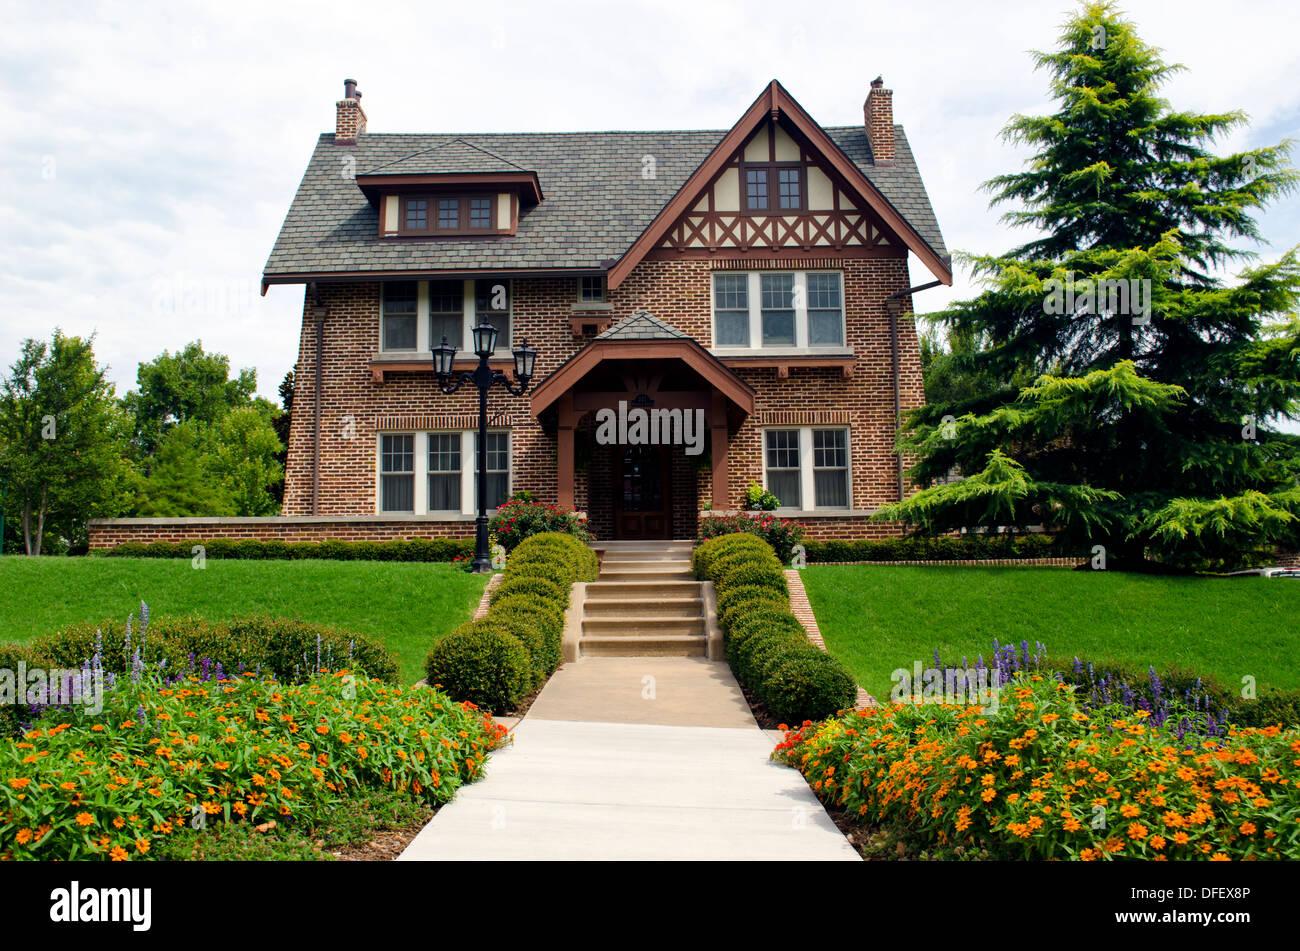 Vue Avant De La Maison En Brique De Style Tudor Anglais Avec Jardins